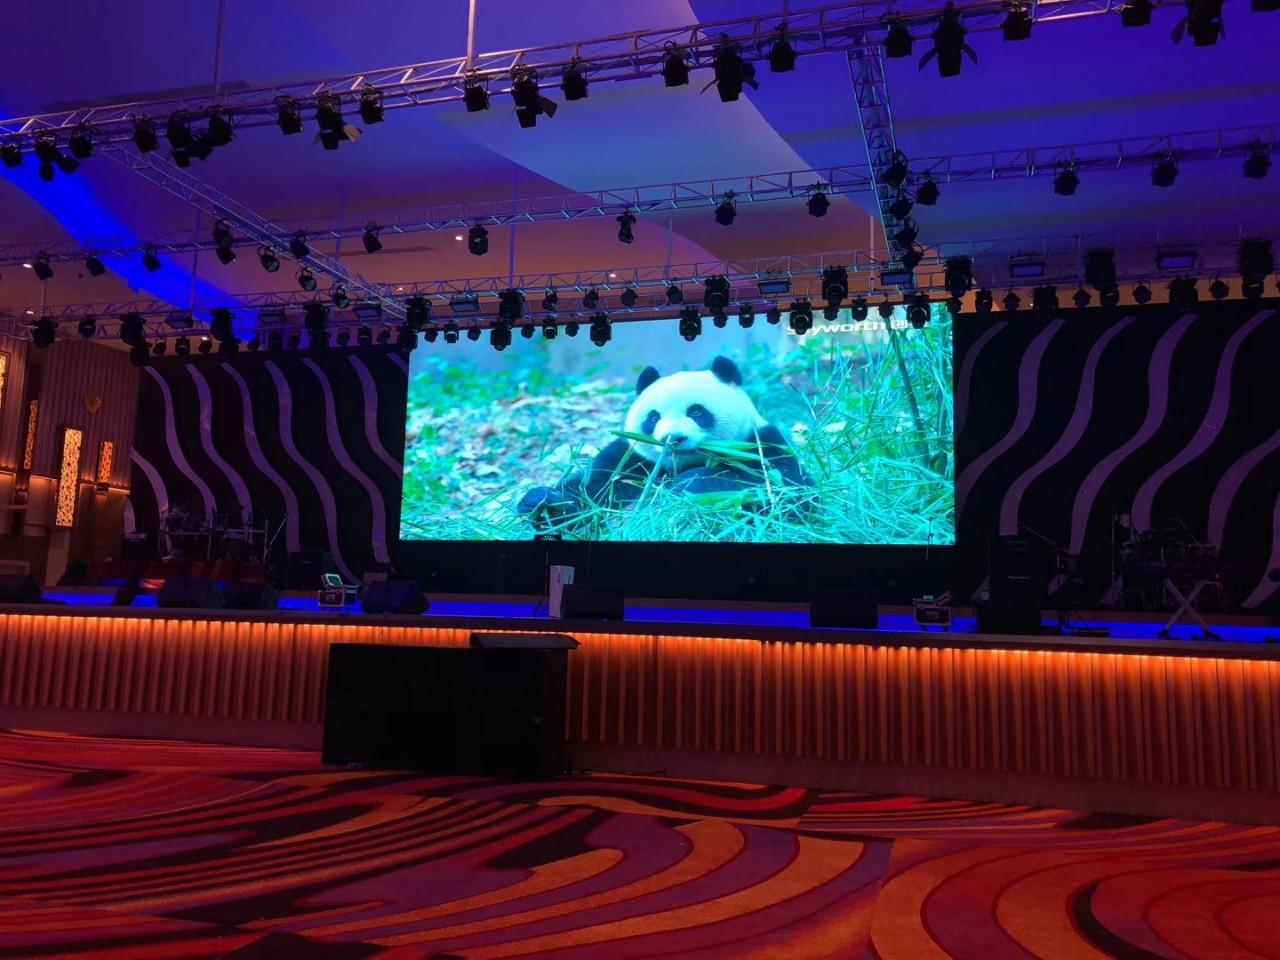 thi công màn hình Led P2.5 Screen Shenzhen-1